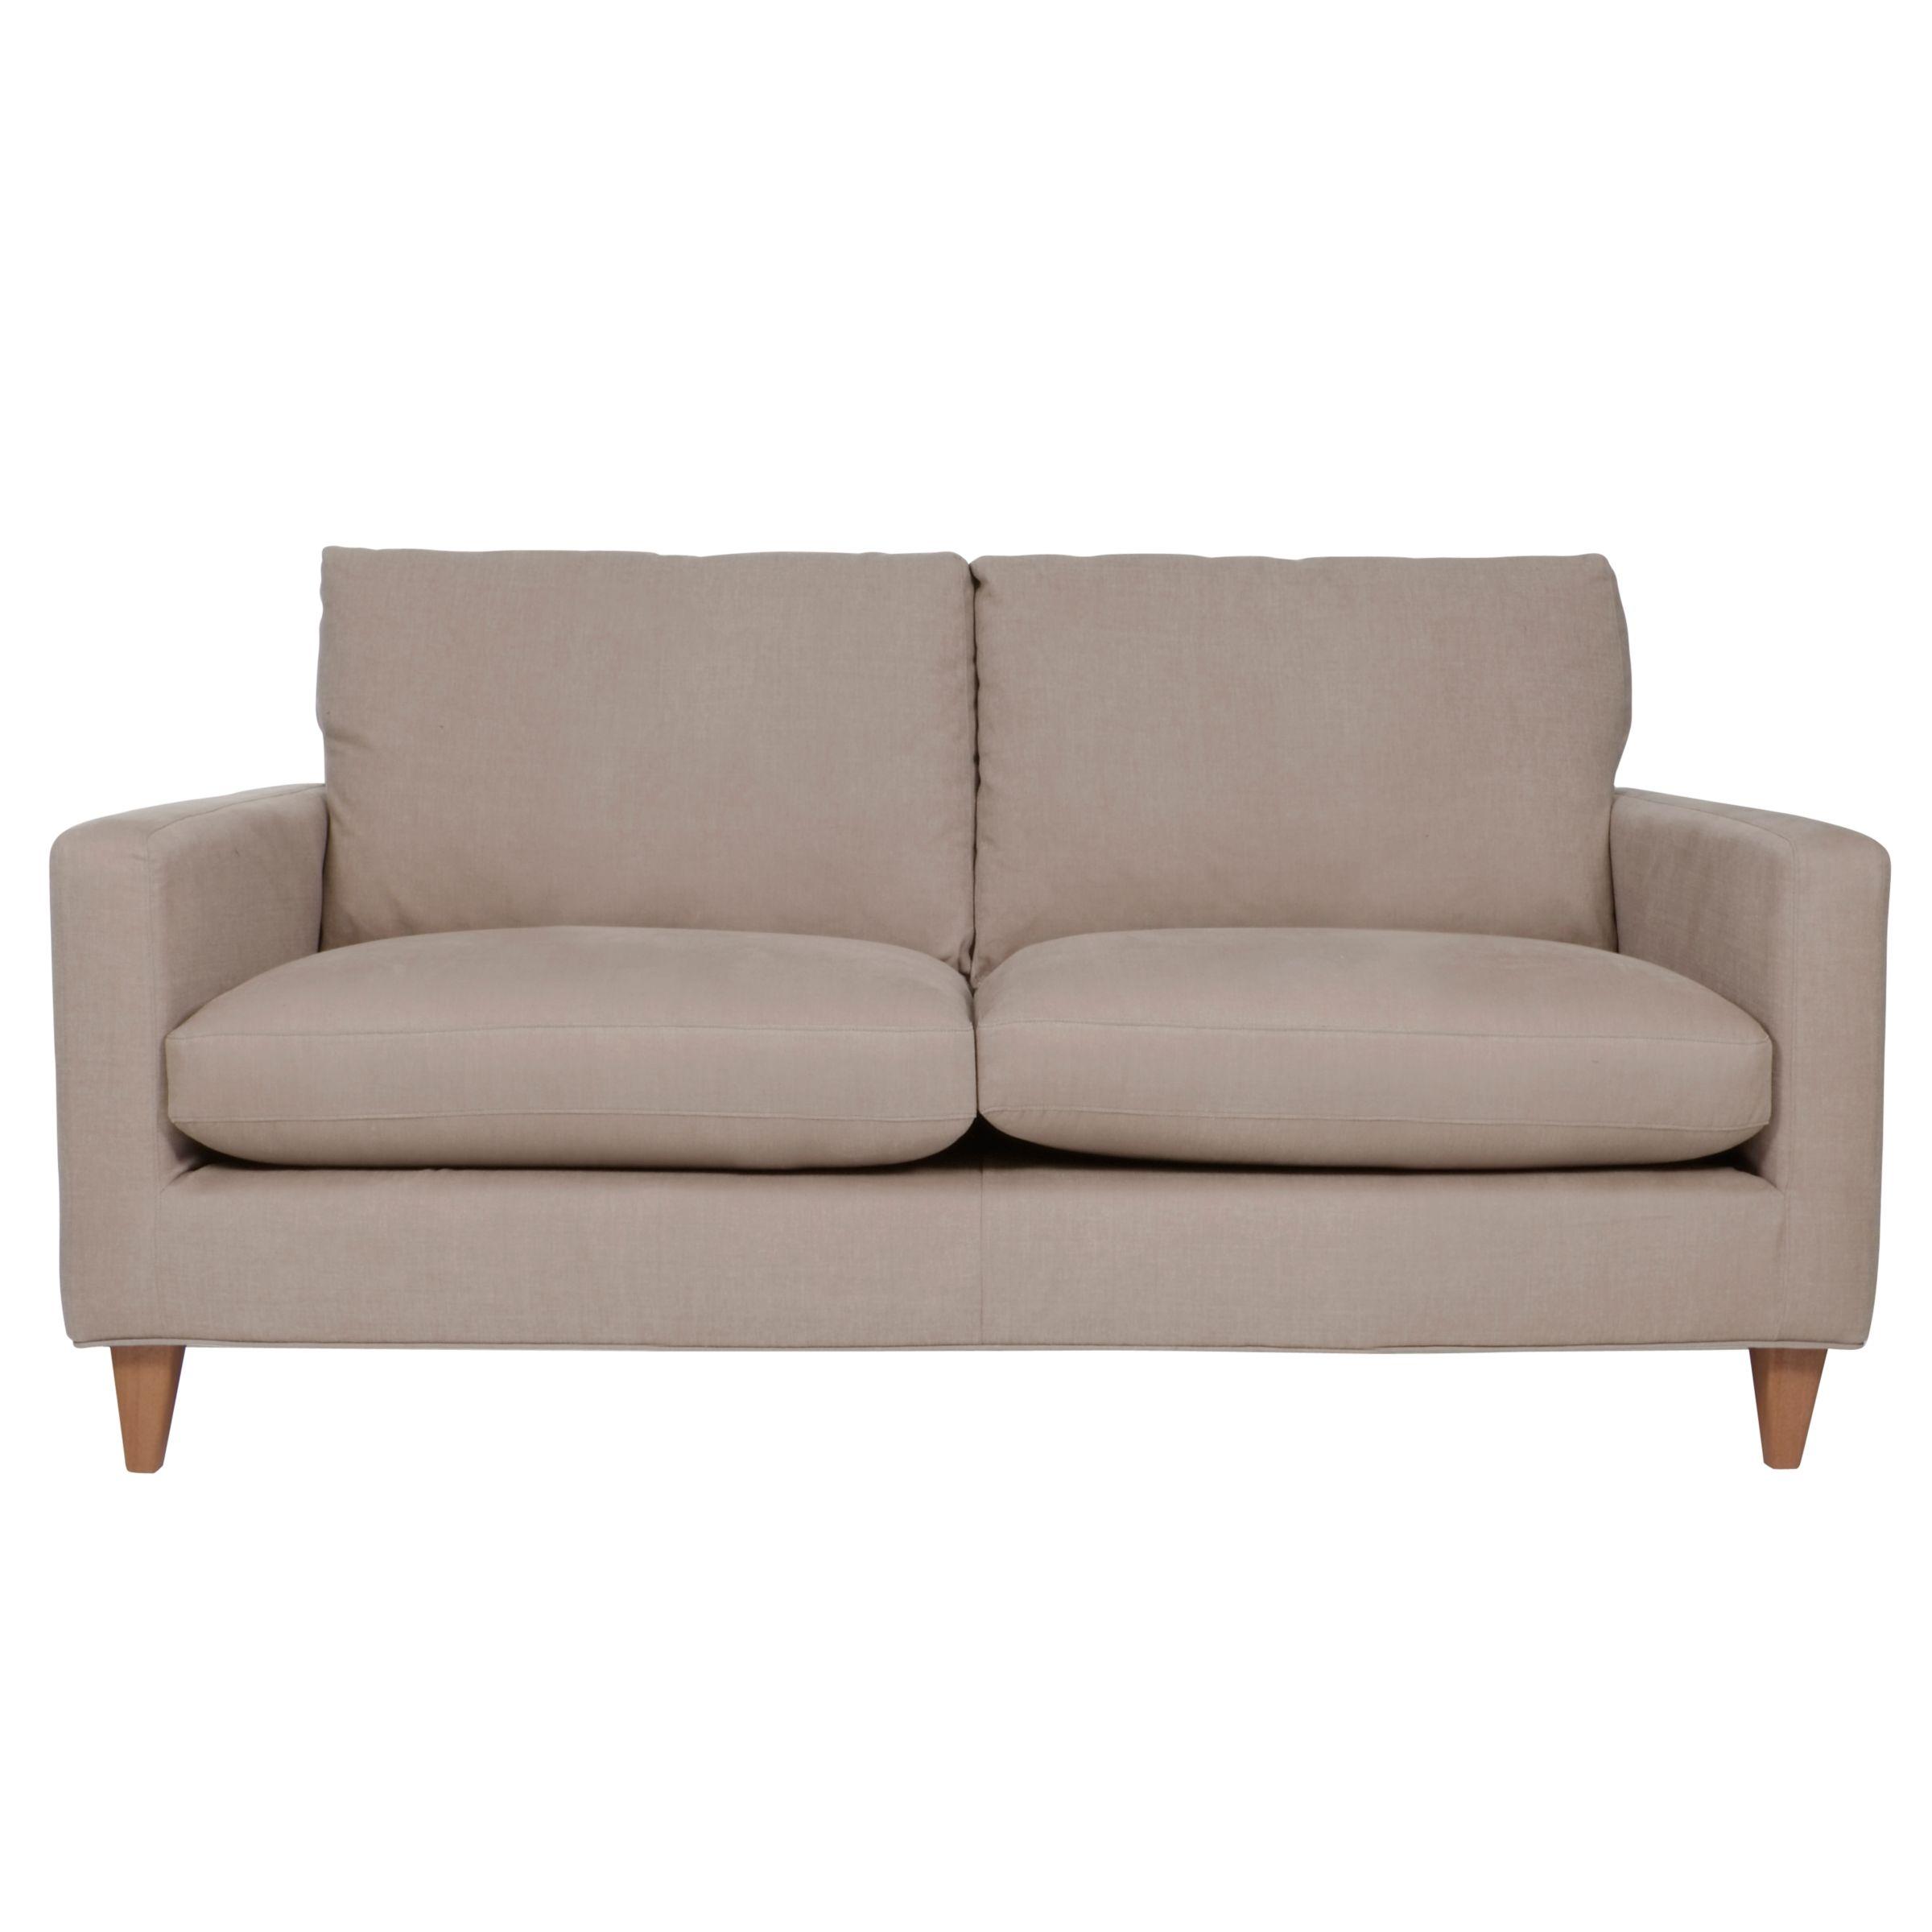 john lewis loose chair covers small papasan cushion cover sofa